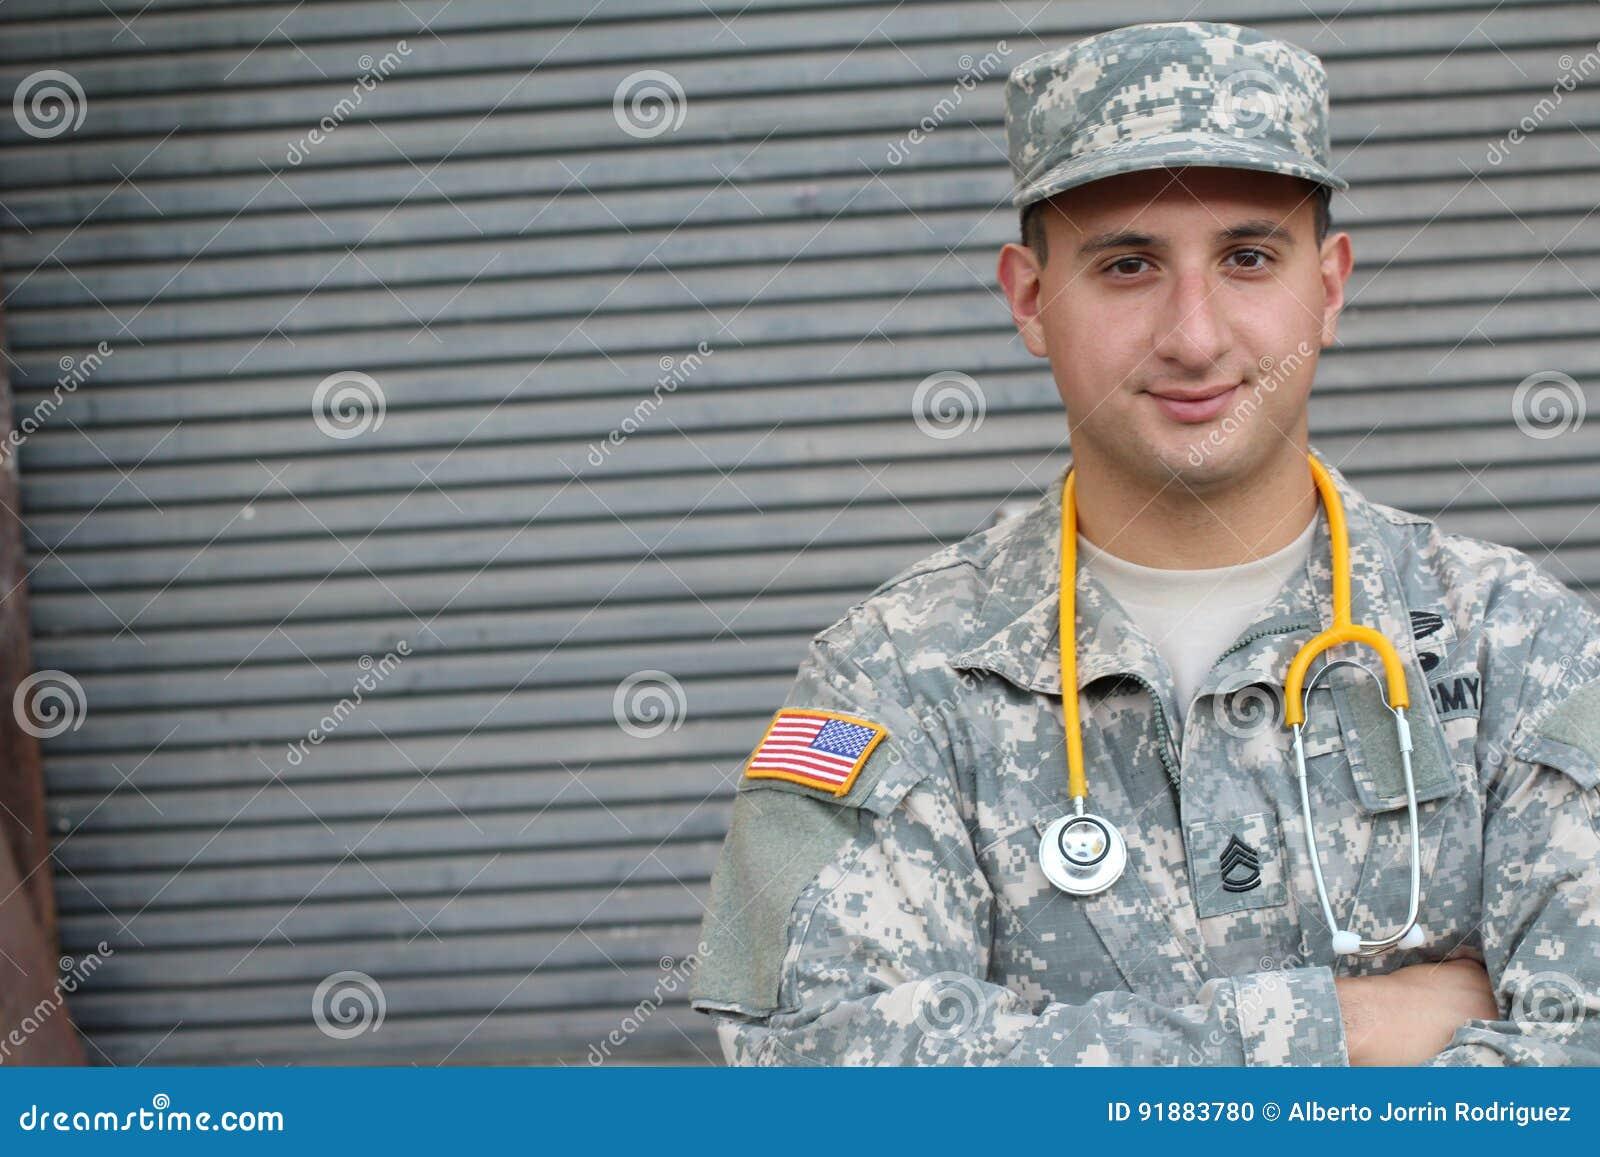 Soldado americano masculino no uniforme da camuflagem do exército - imagem conservada em estoque com espaço da cópia